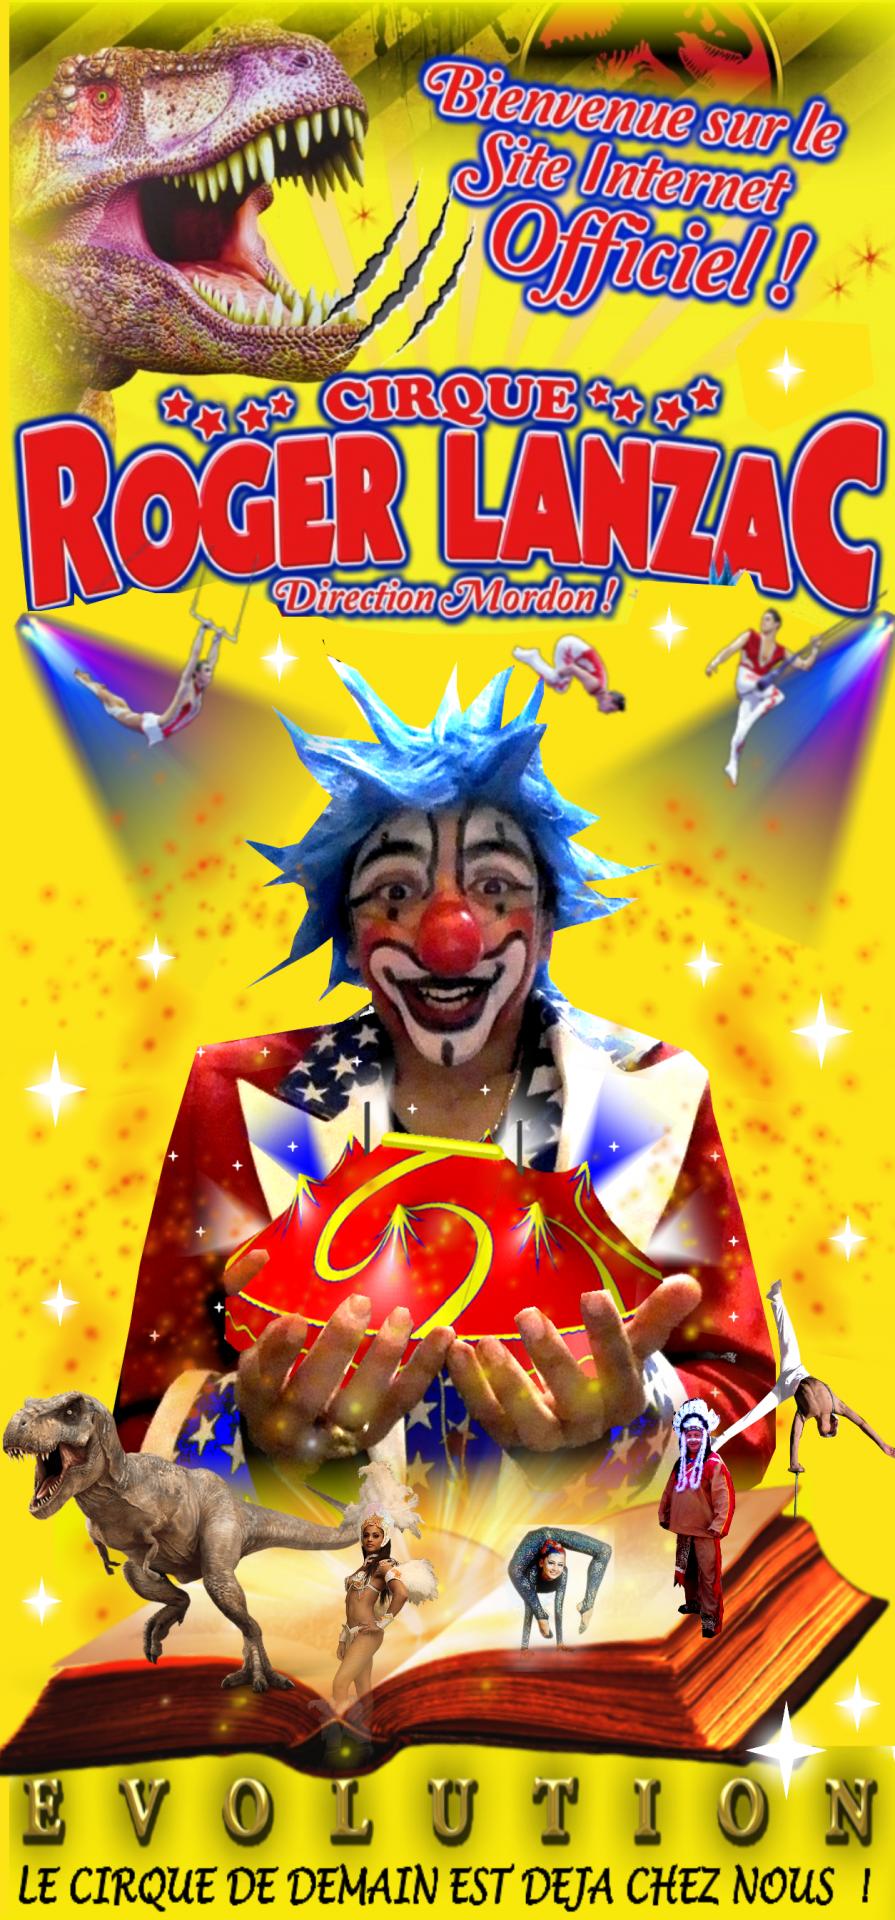 Bienvenue sur le site web Roger Lanzac